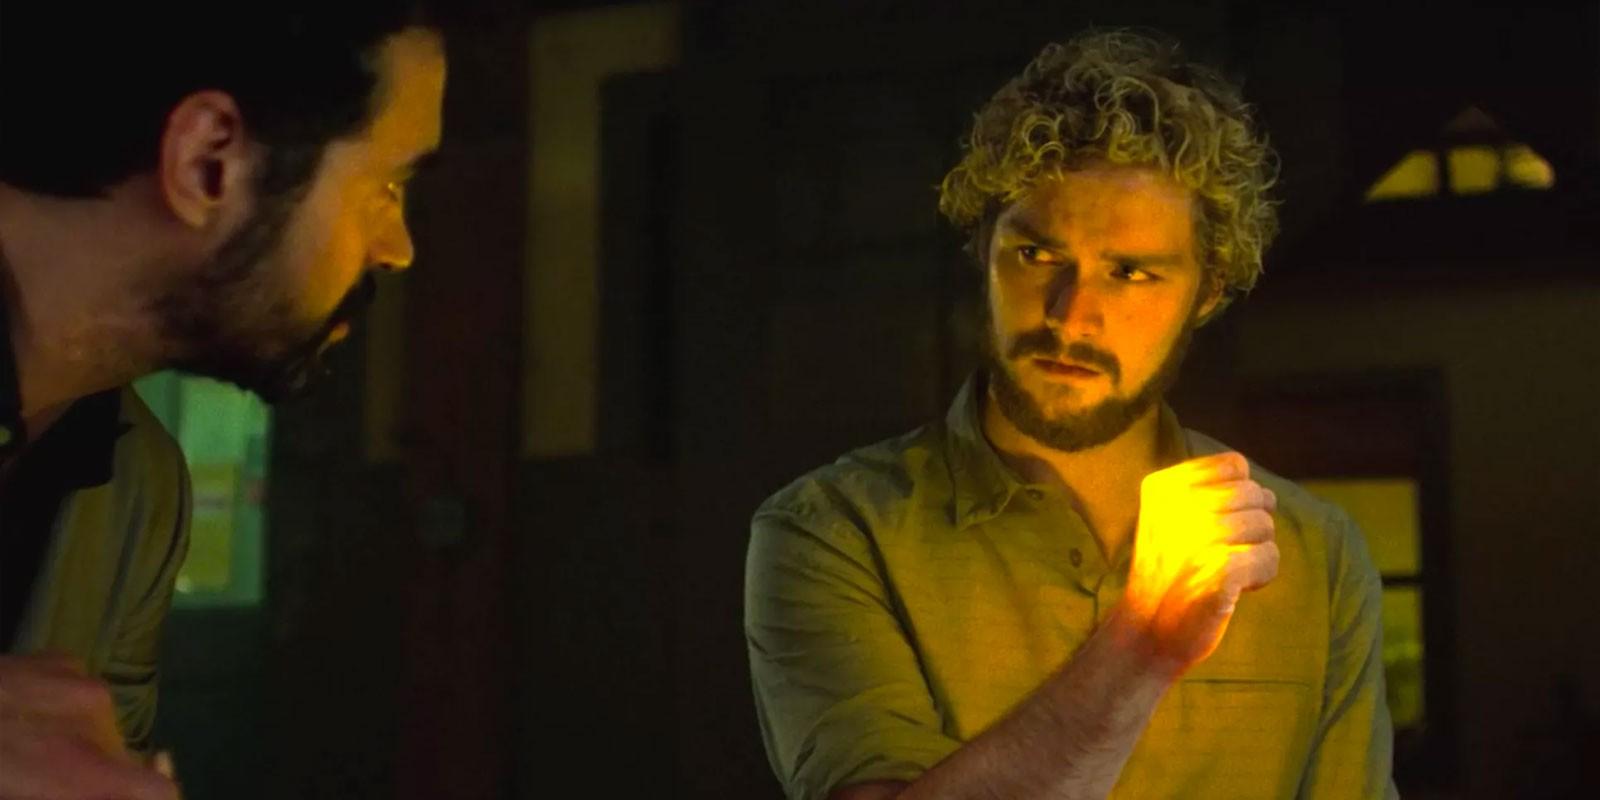 Финн Джонс в сериале Железный кулак (Iron Fist) 2017